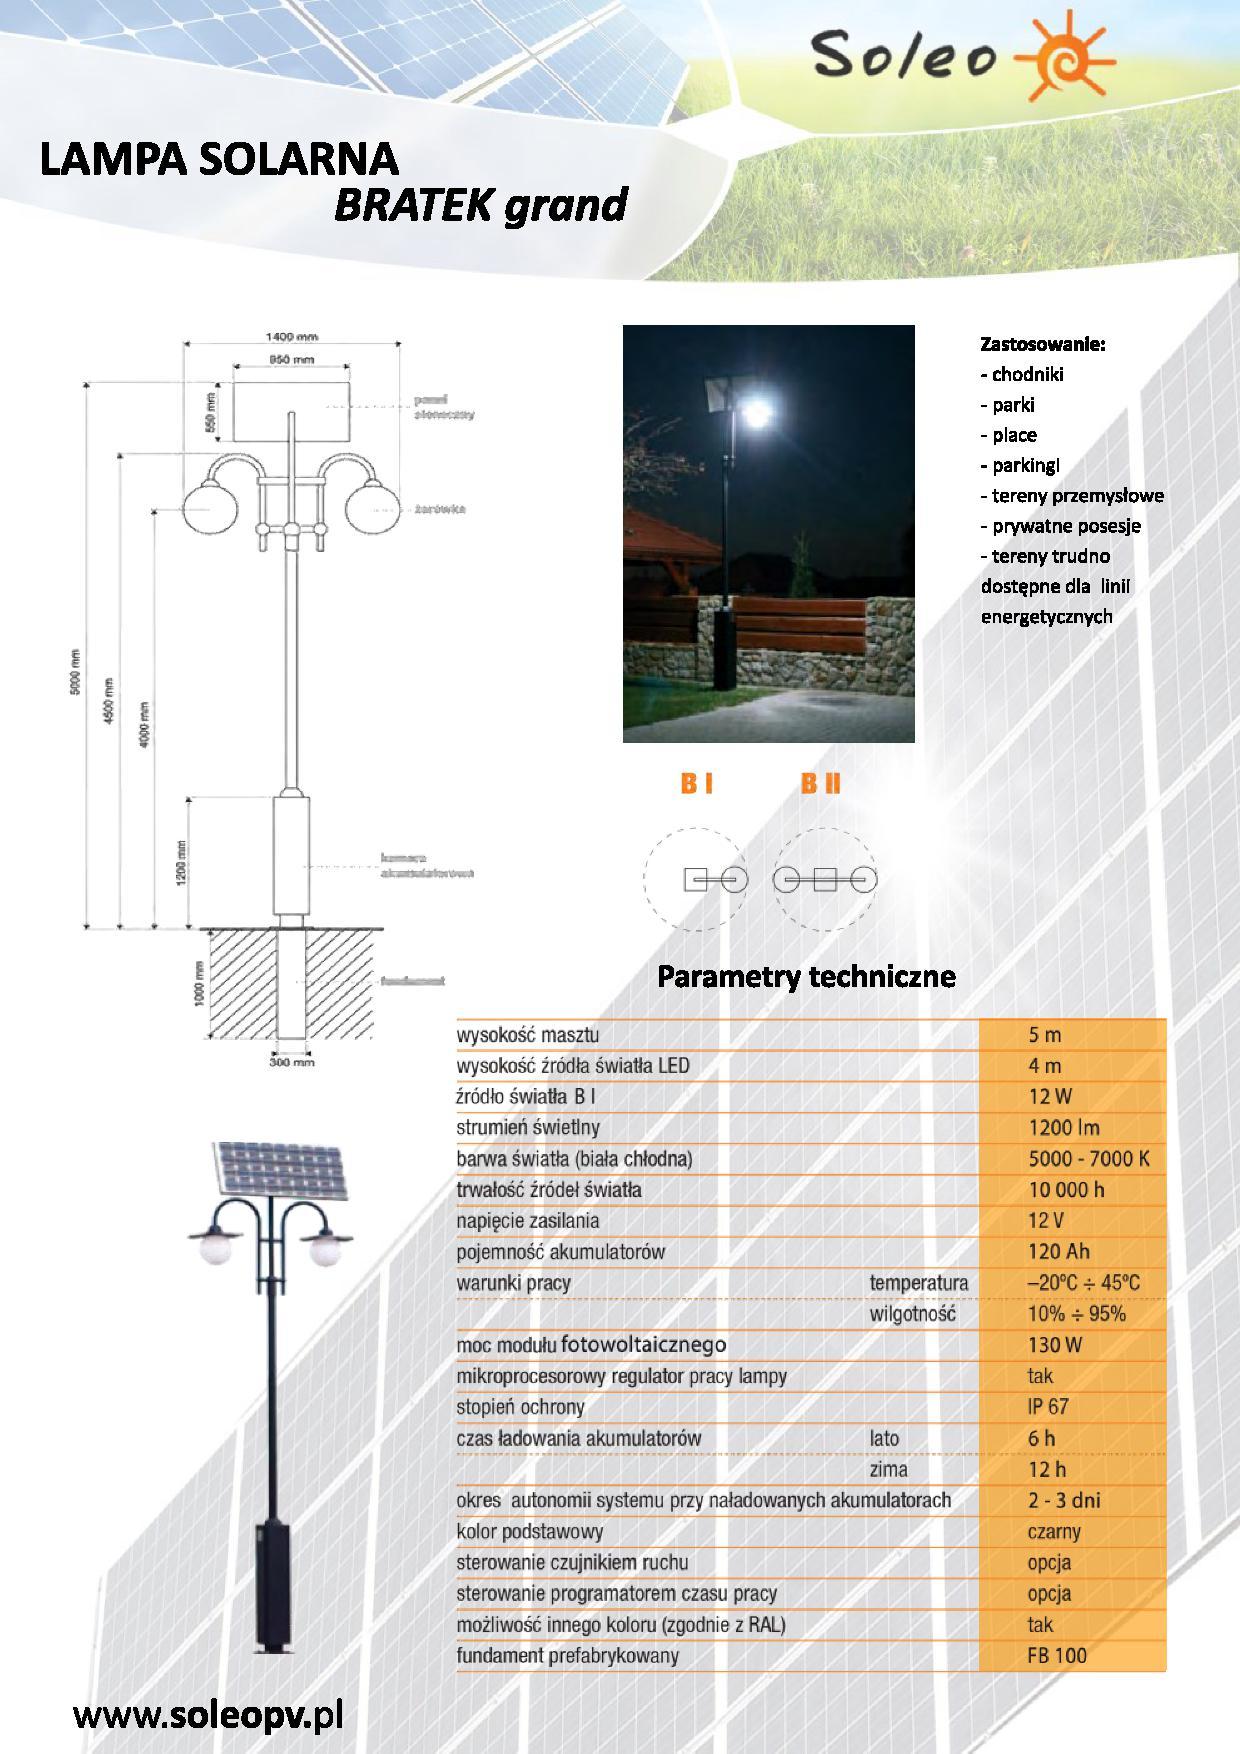 Lampa solarna Bratek Grand